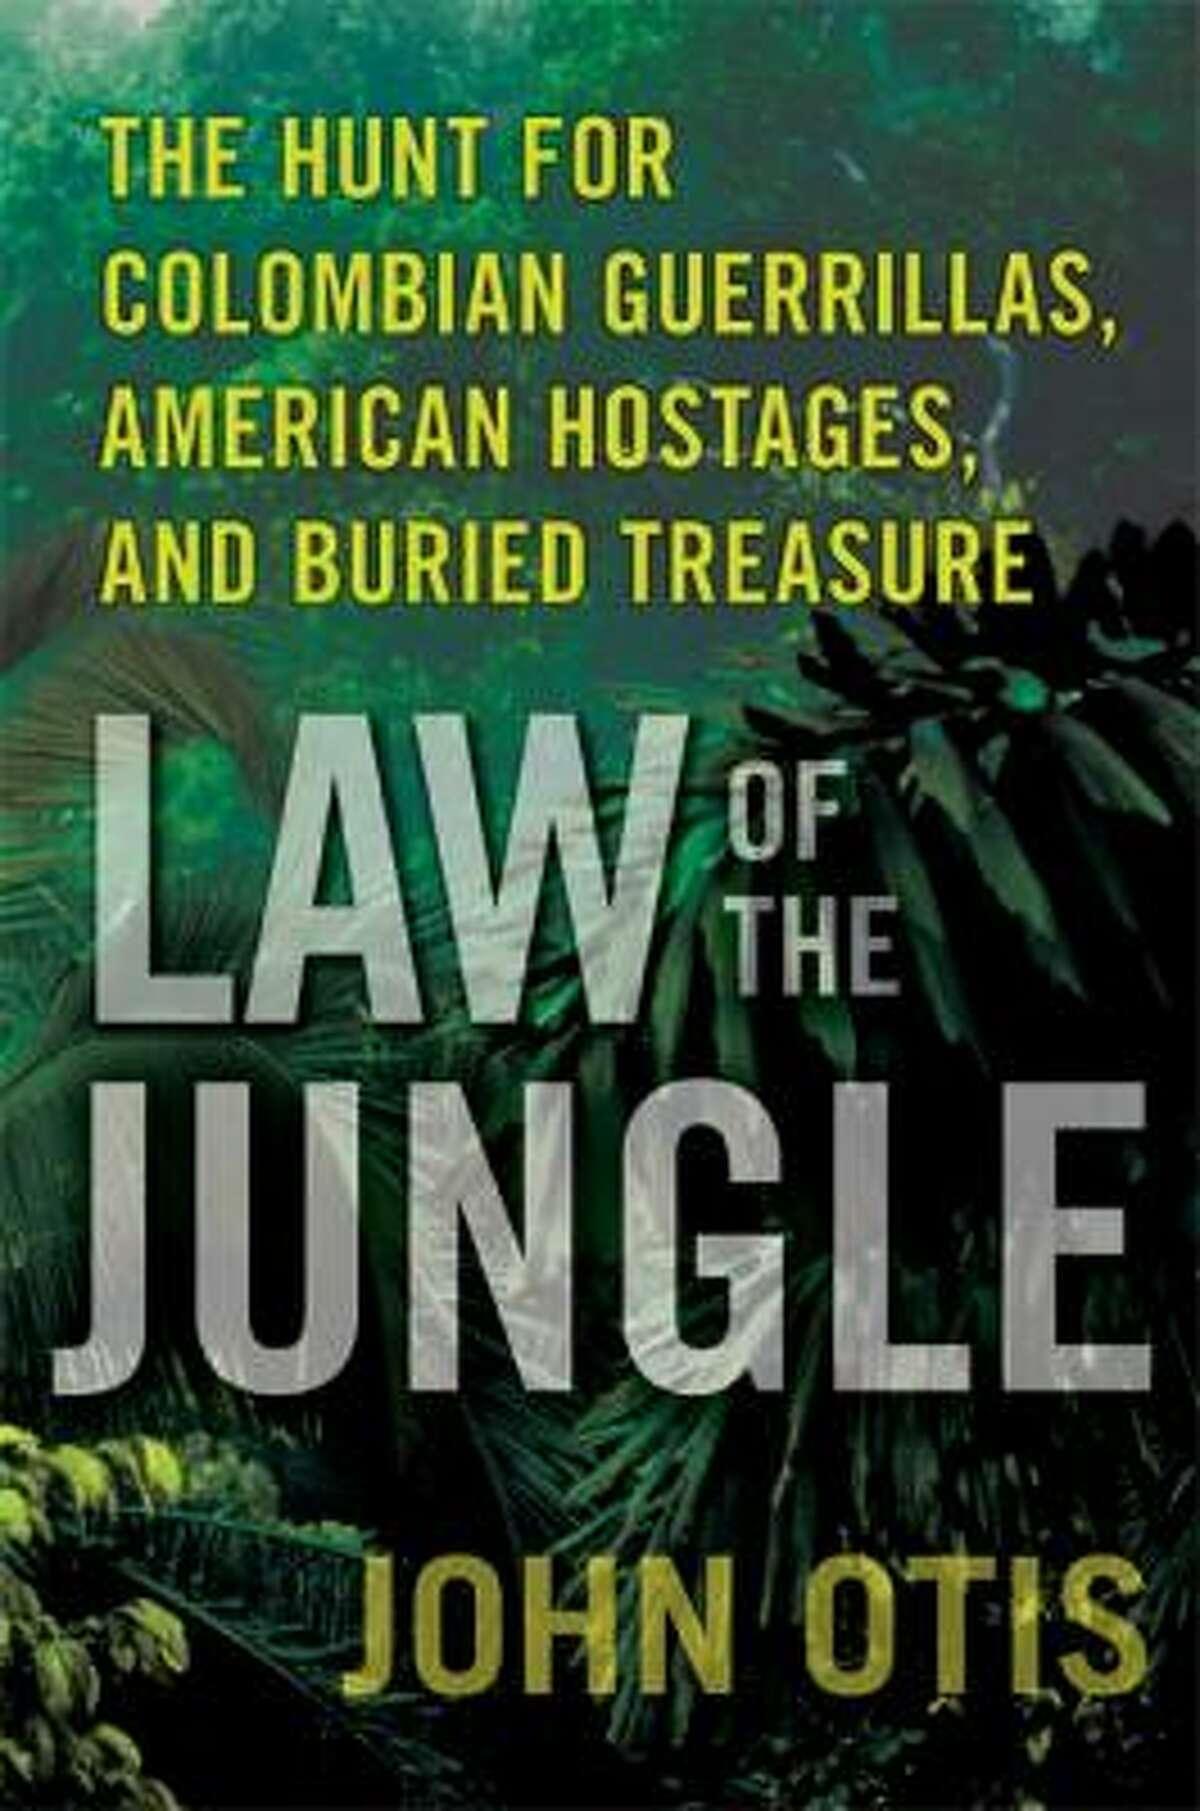 Ley de la selva: el libro, de un ritmo trepidante, se acerca a la escuela del nuevo periodismo estadounidense.